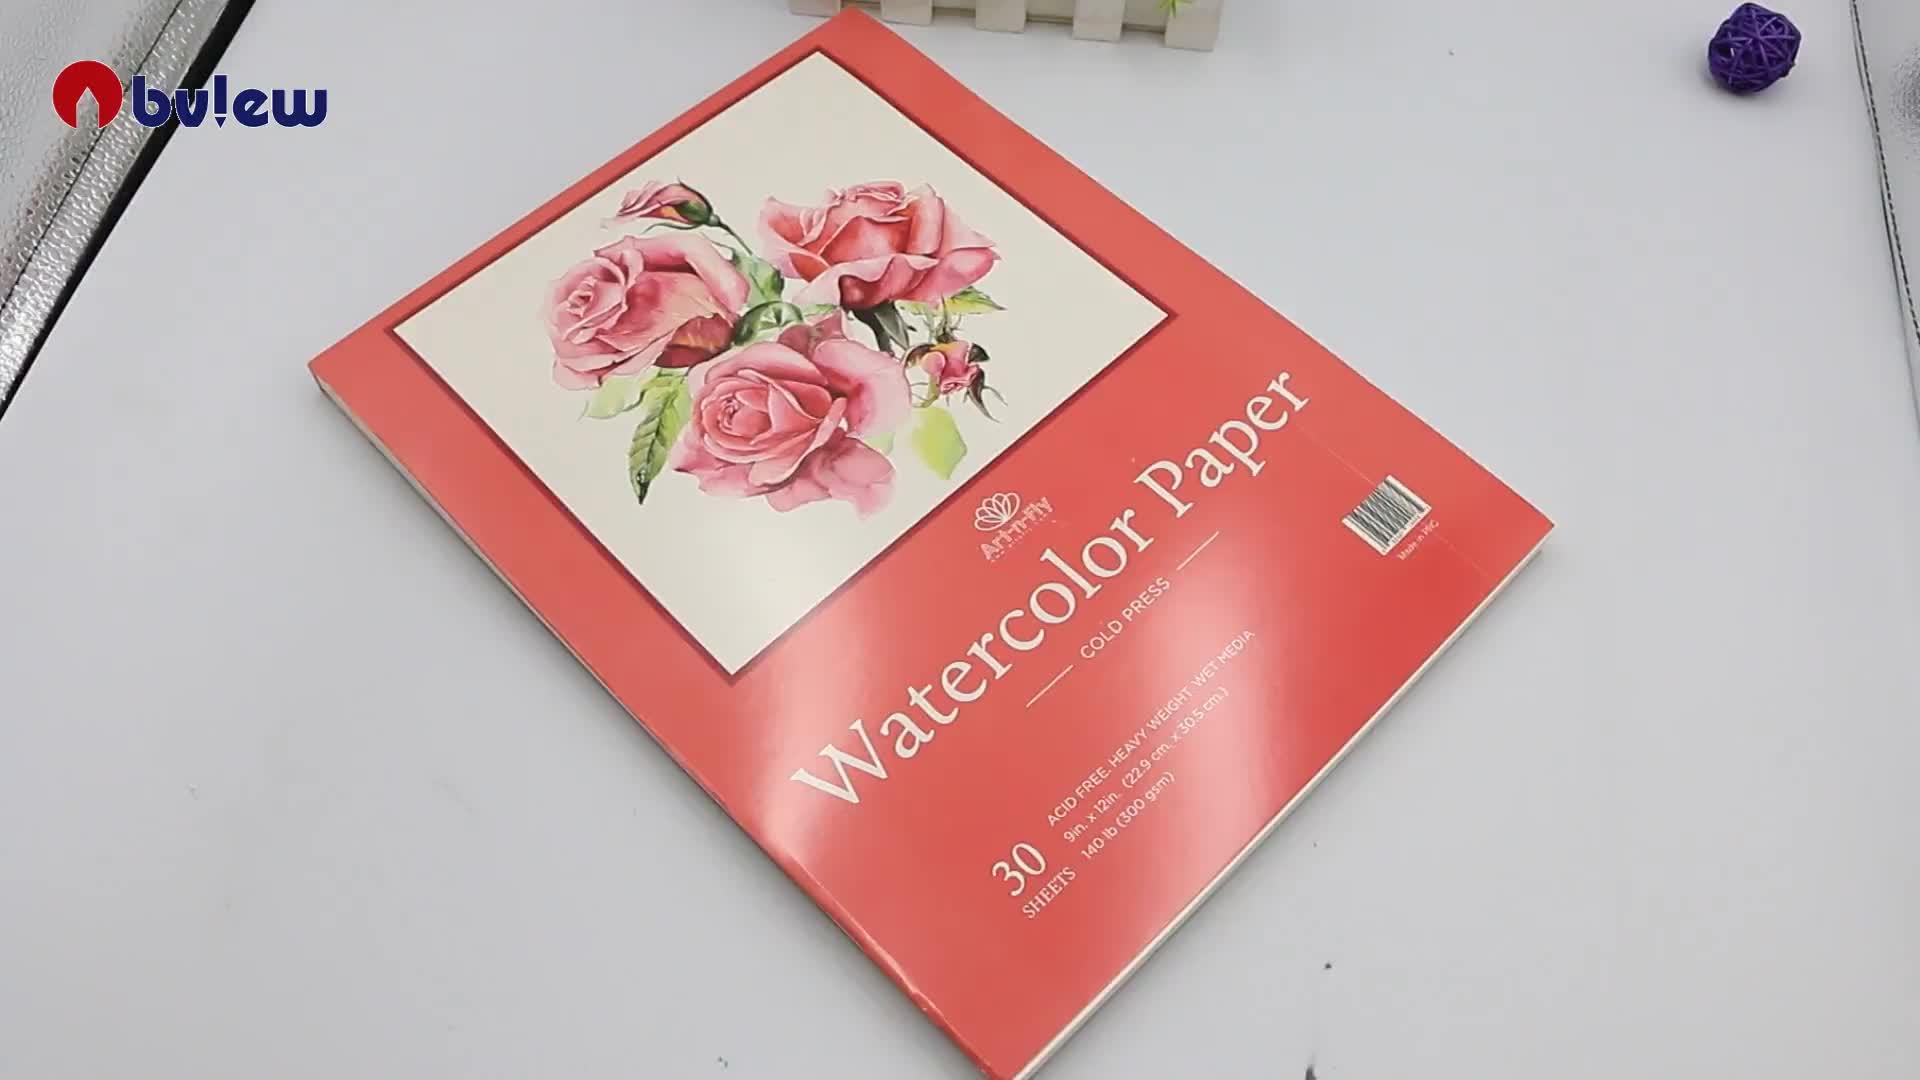 Chuyên nghiệp A4 kích thước báo chí lạnh màu nước giấy pad đối với hỗn hợp phương tiện truyền thông sơn